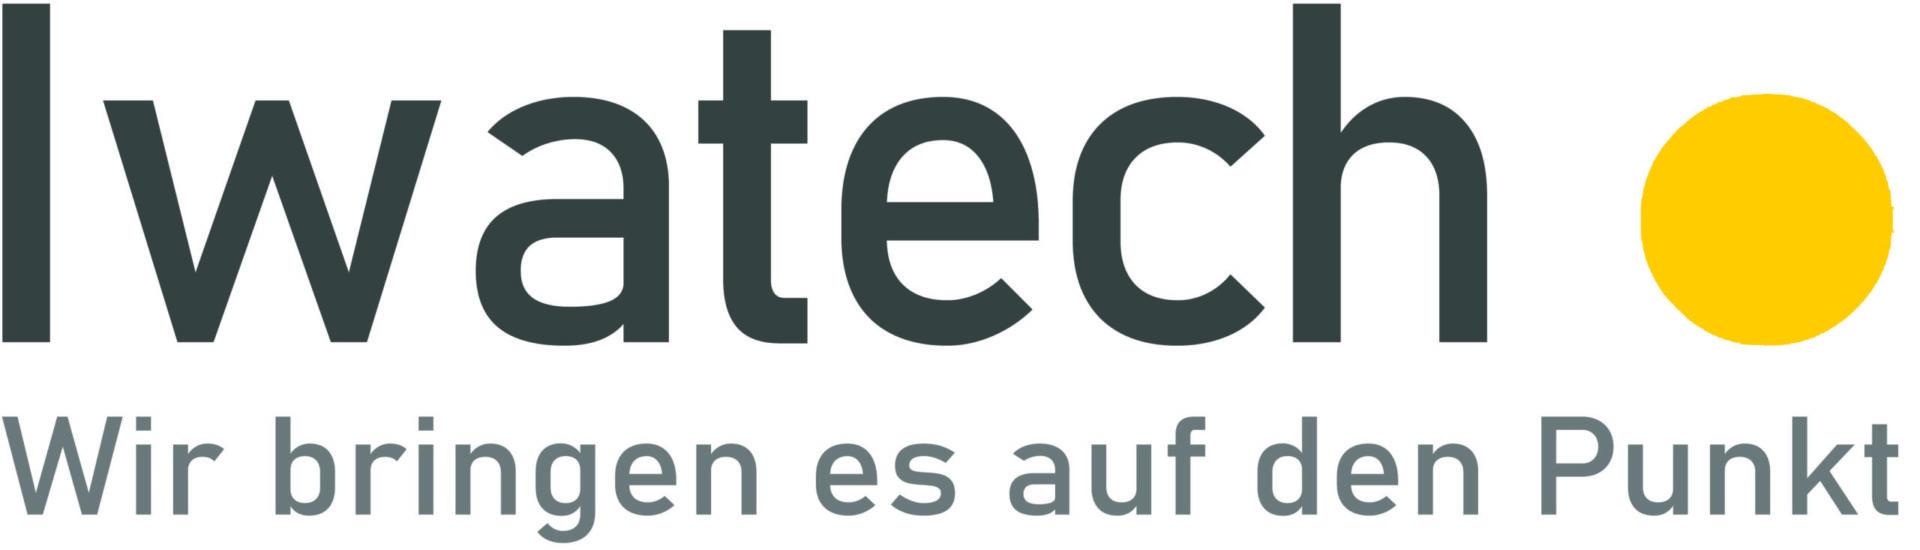 Iwatech GmbH